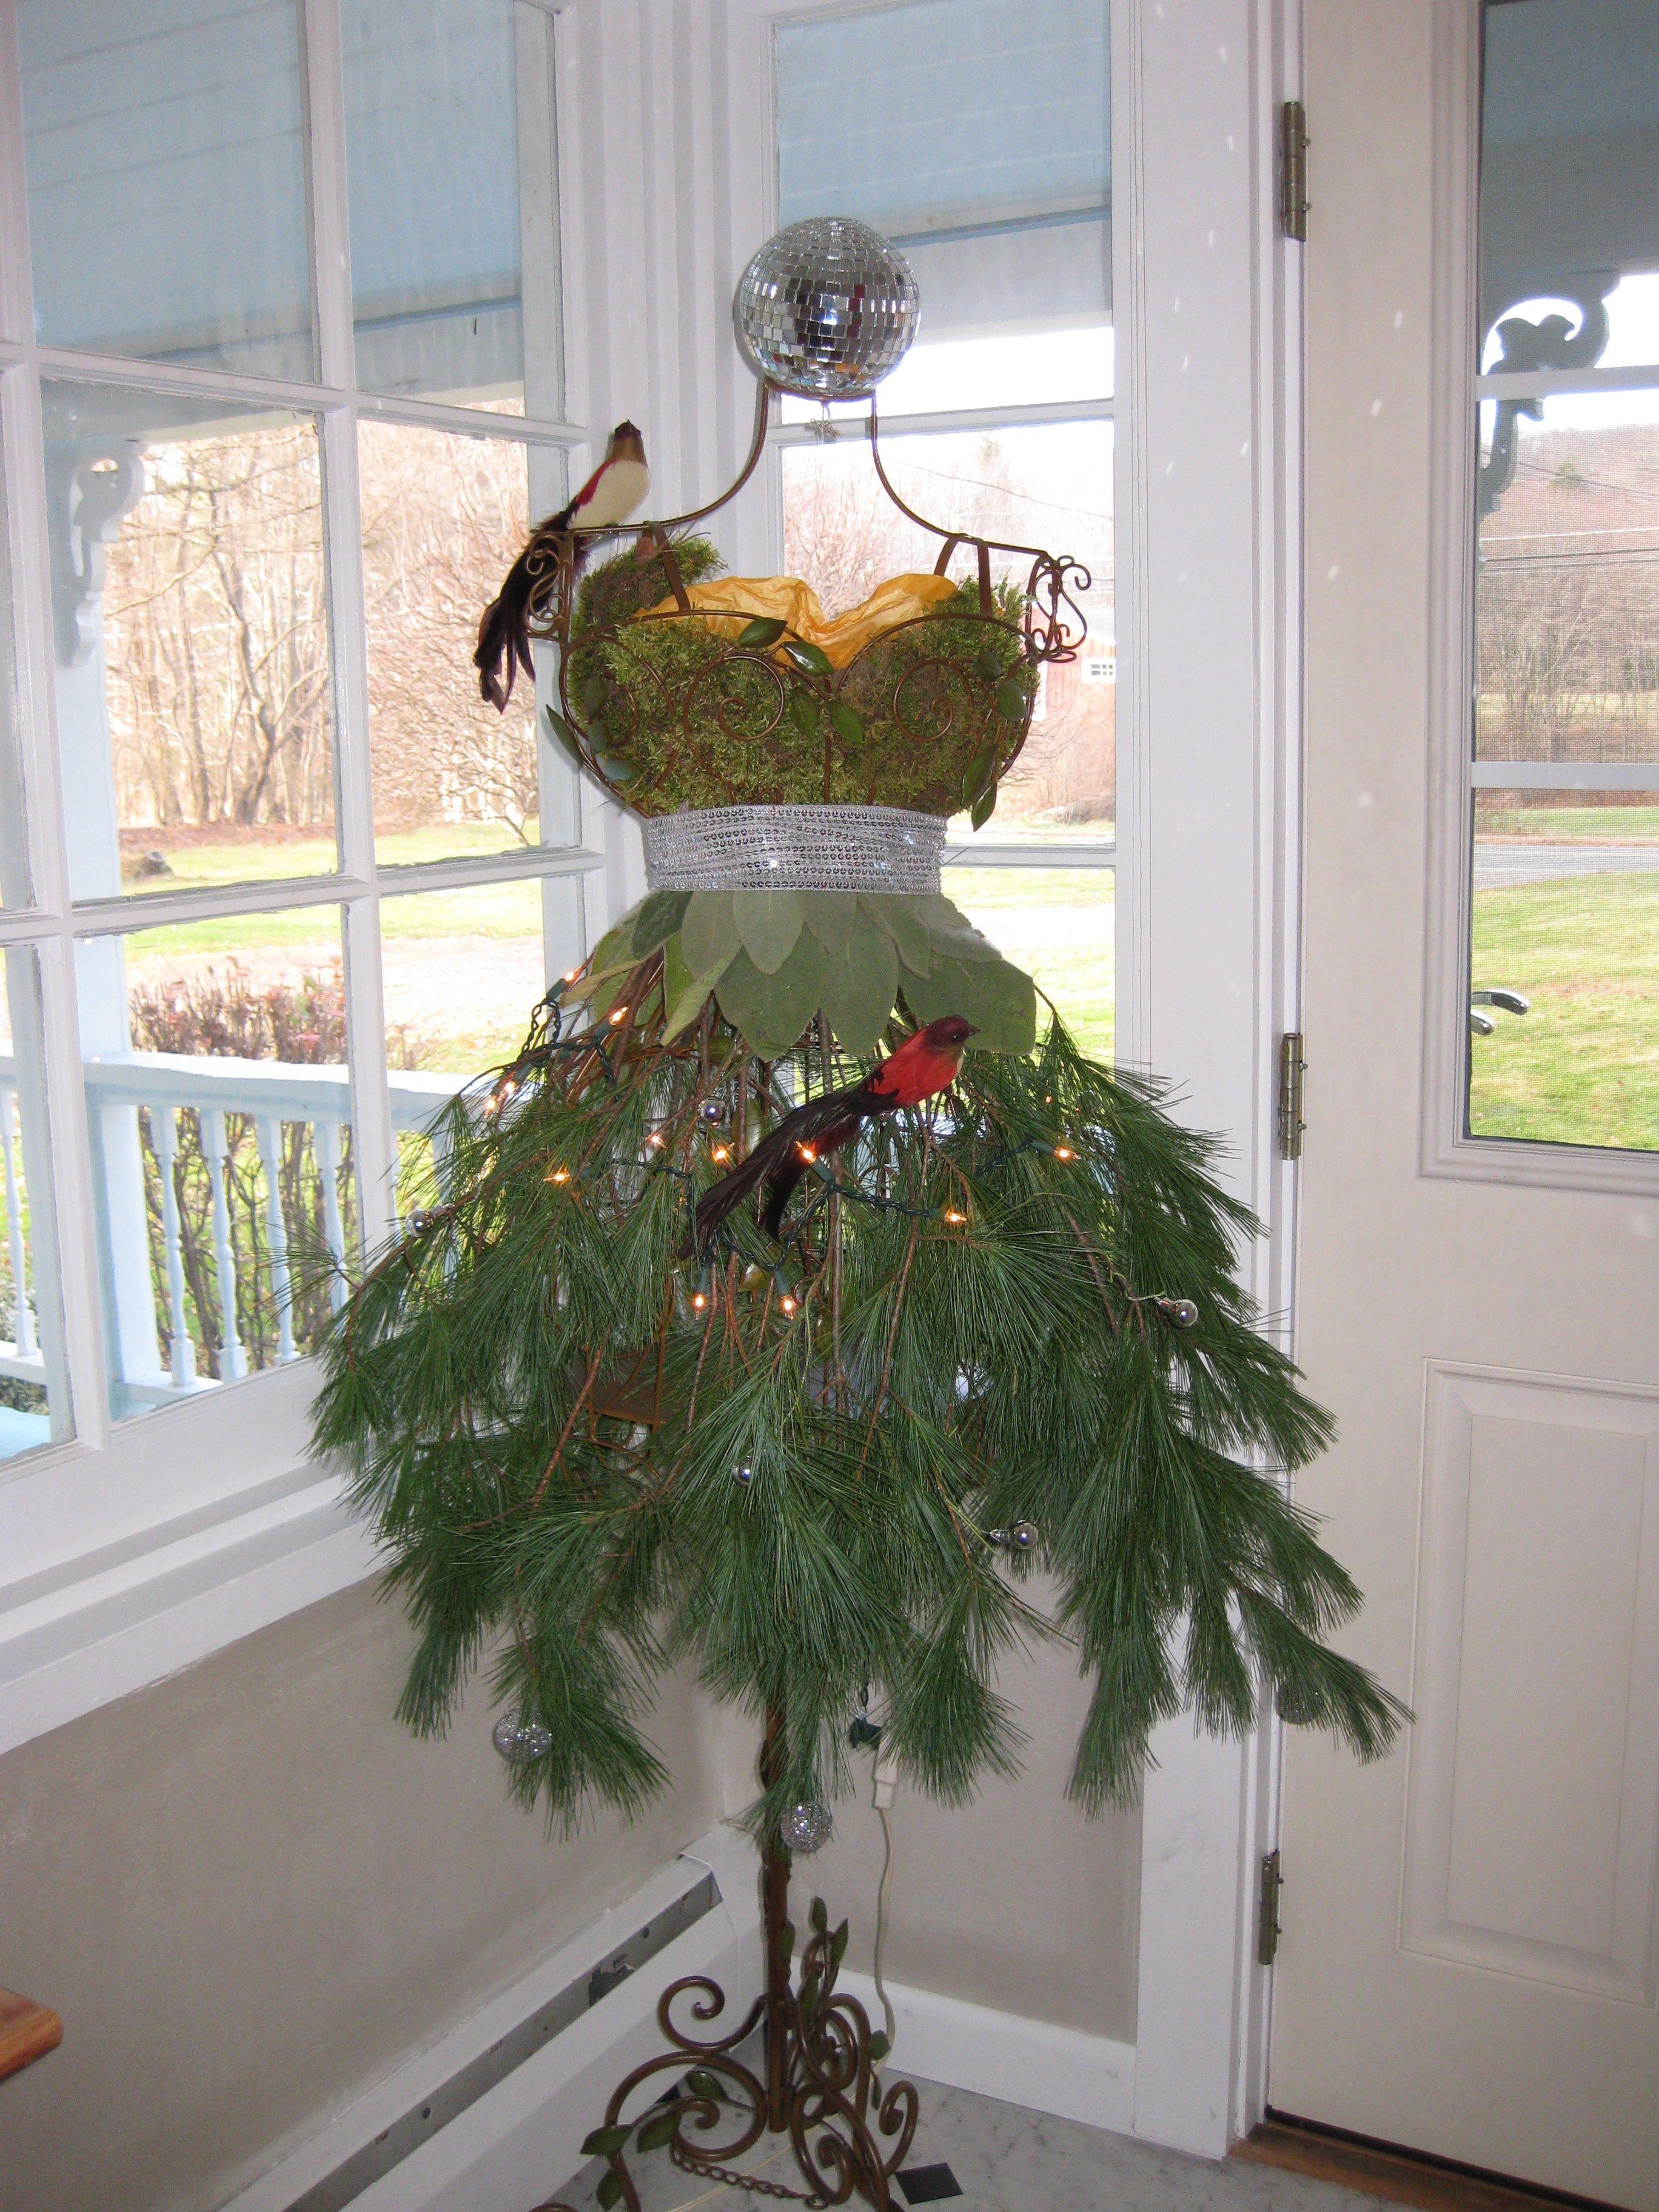 Fashionista Christmas Tree. This was my Christmas Tree